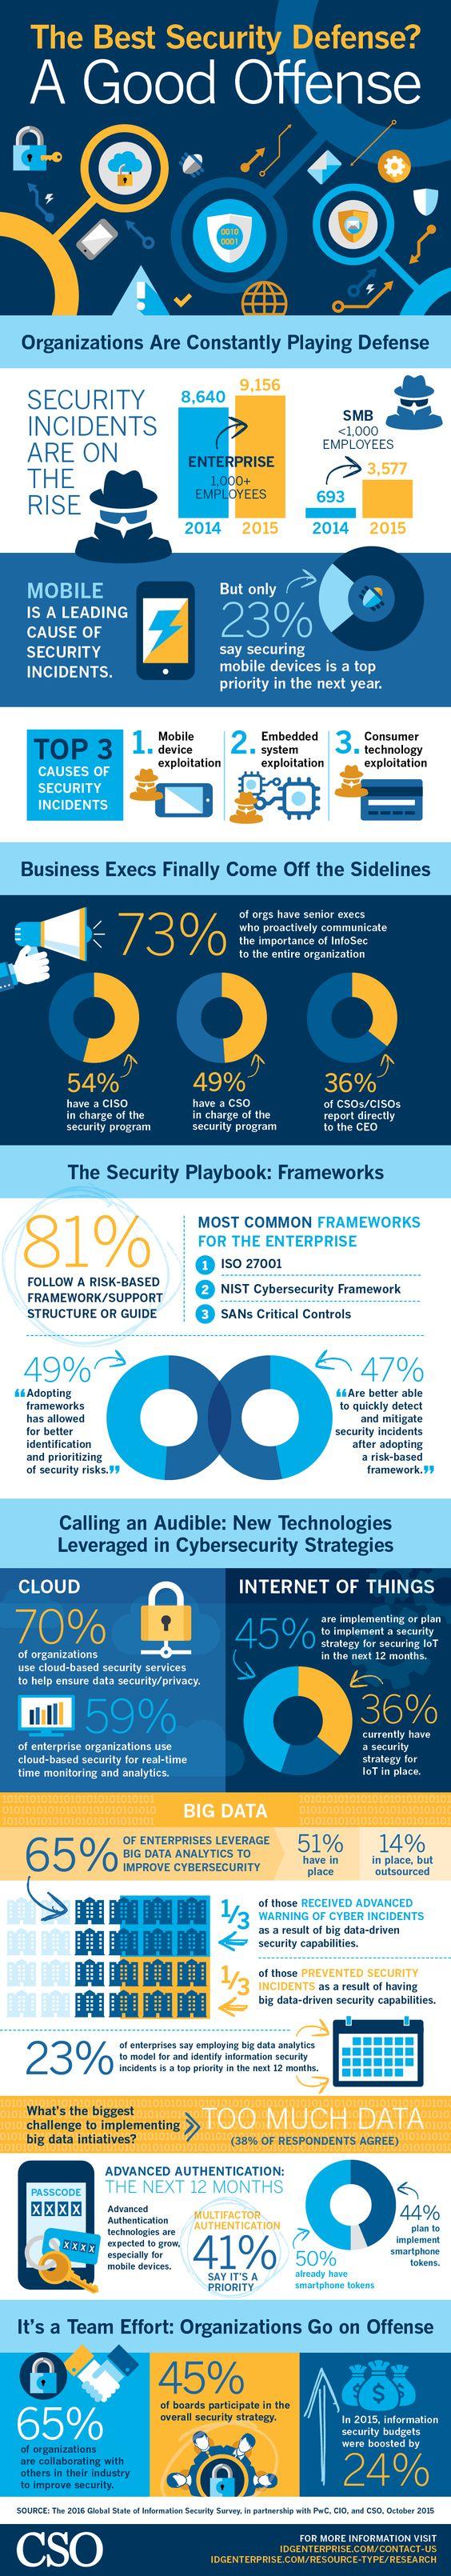 security-defense